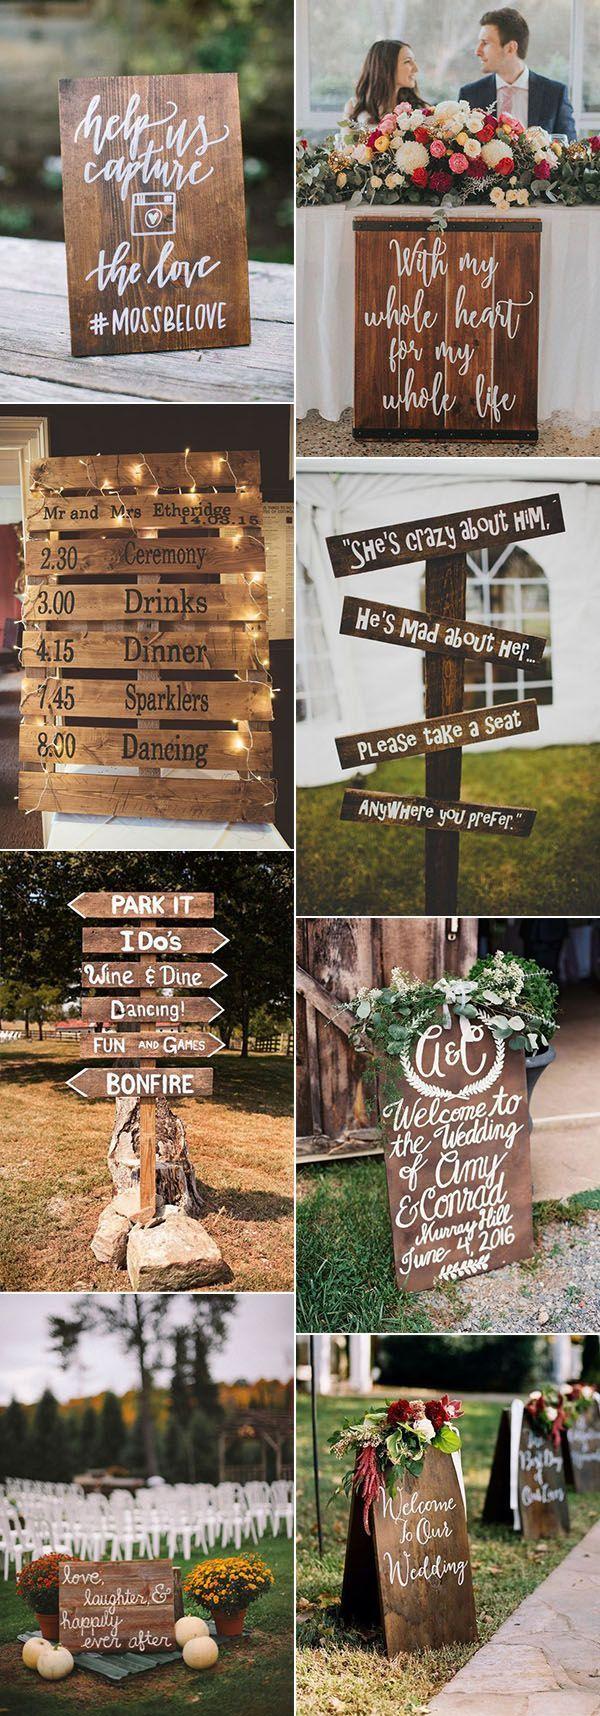 super einfache diy rustikale hölzerne Hochzeitszeichen-Dekorationsideen #dekorationsideen #einfache #hochzeitszeichen #holzerne #rustikale #super #weddingonabudget